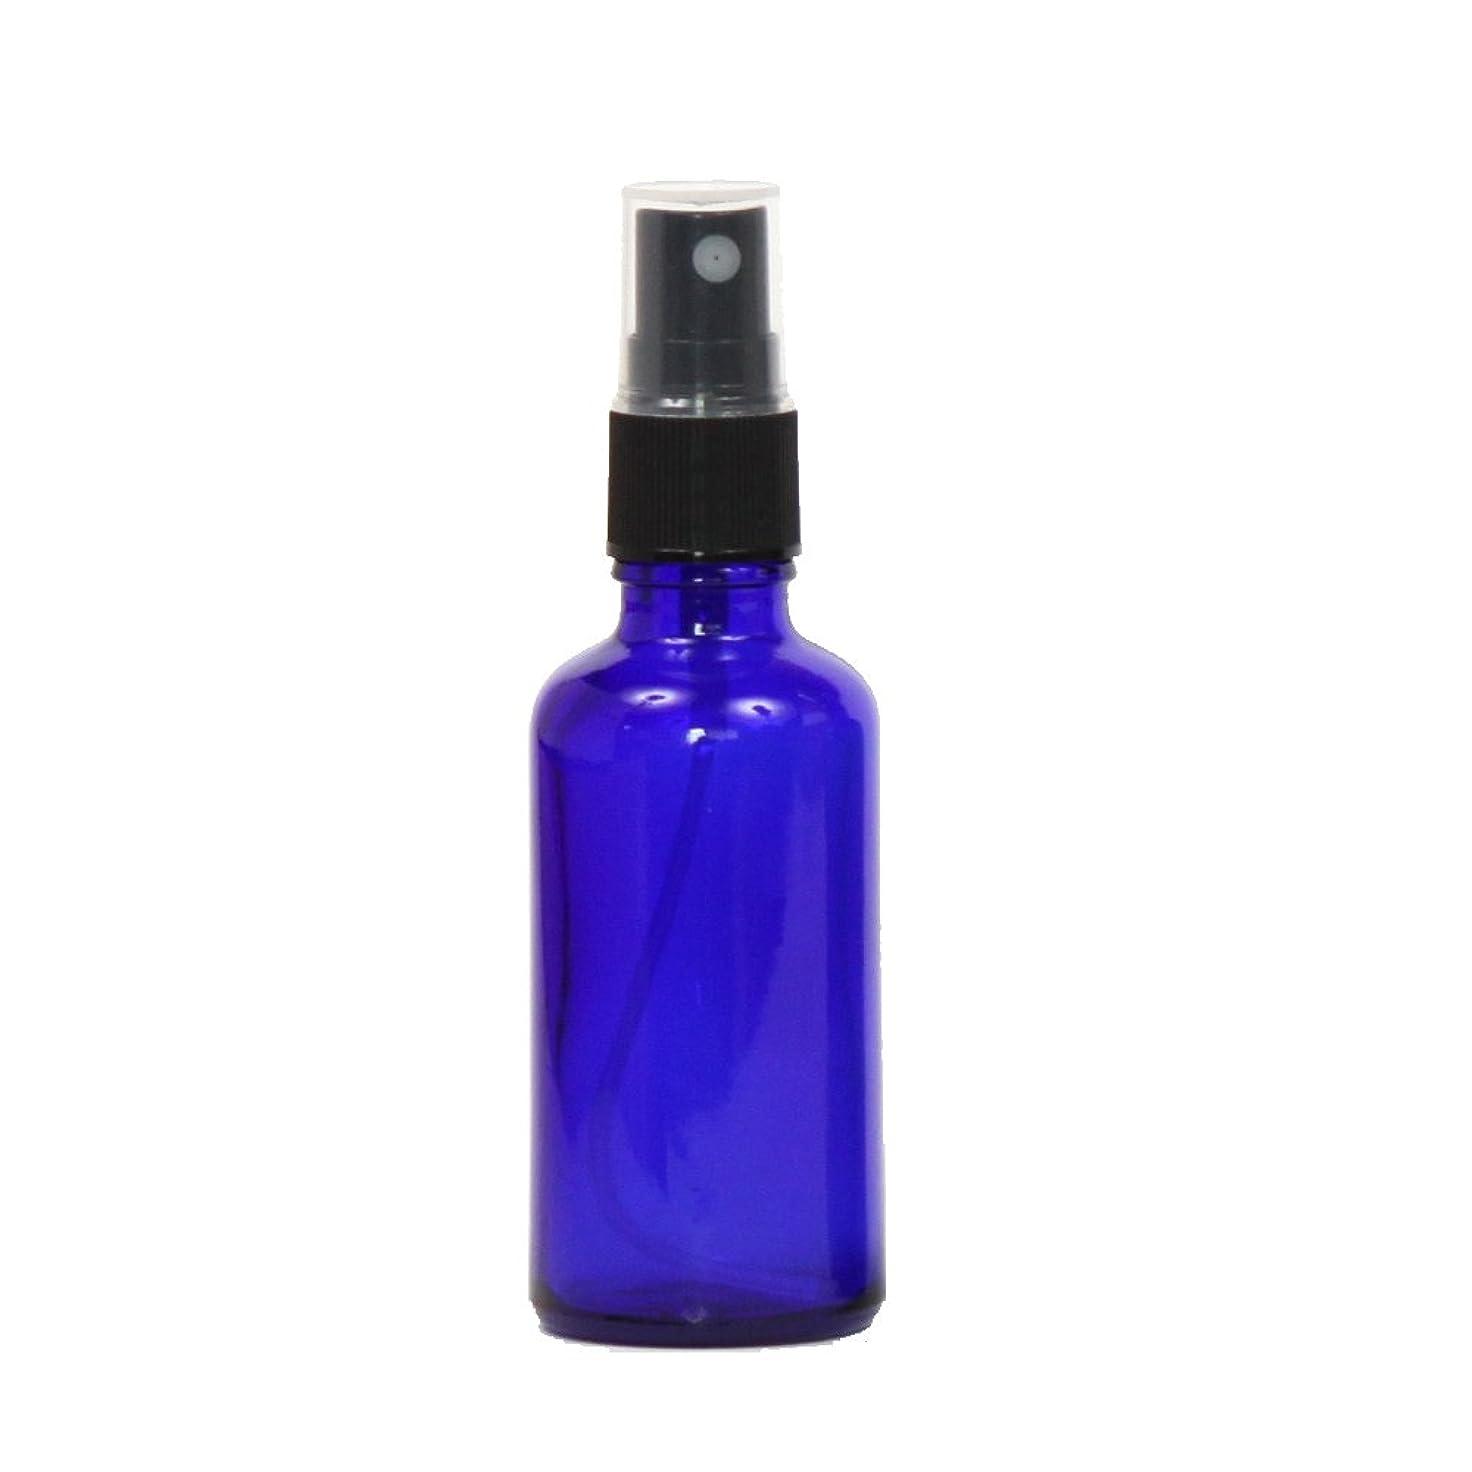 毛布期限切れ平凡スプレー容器 ガラス瓶ボトル 50mL 遮光性ブルー おしゃれガラスアトマイザー 空容器bu50g